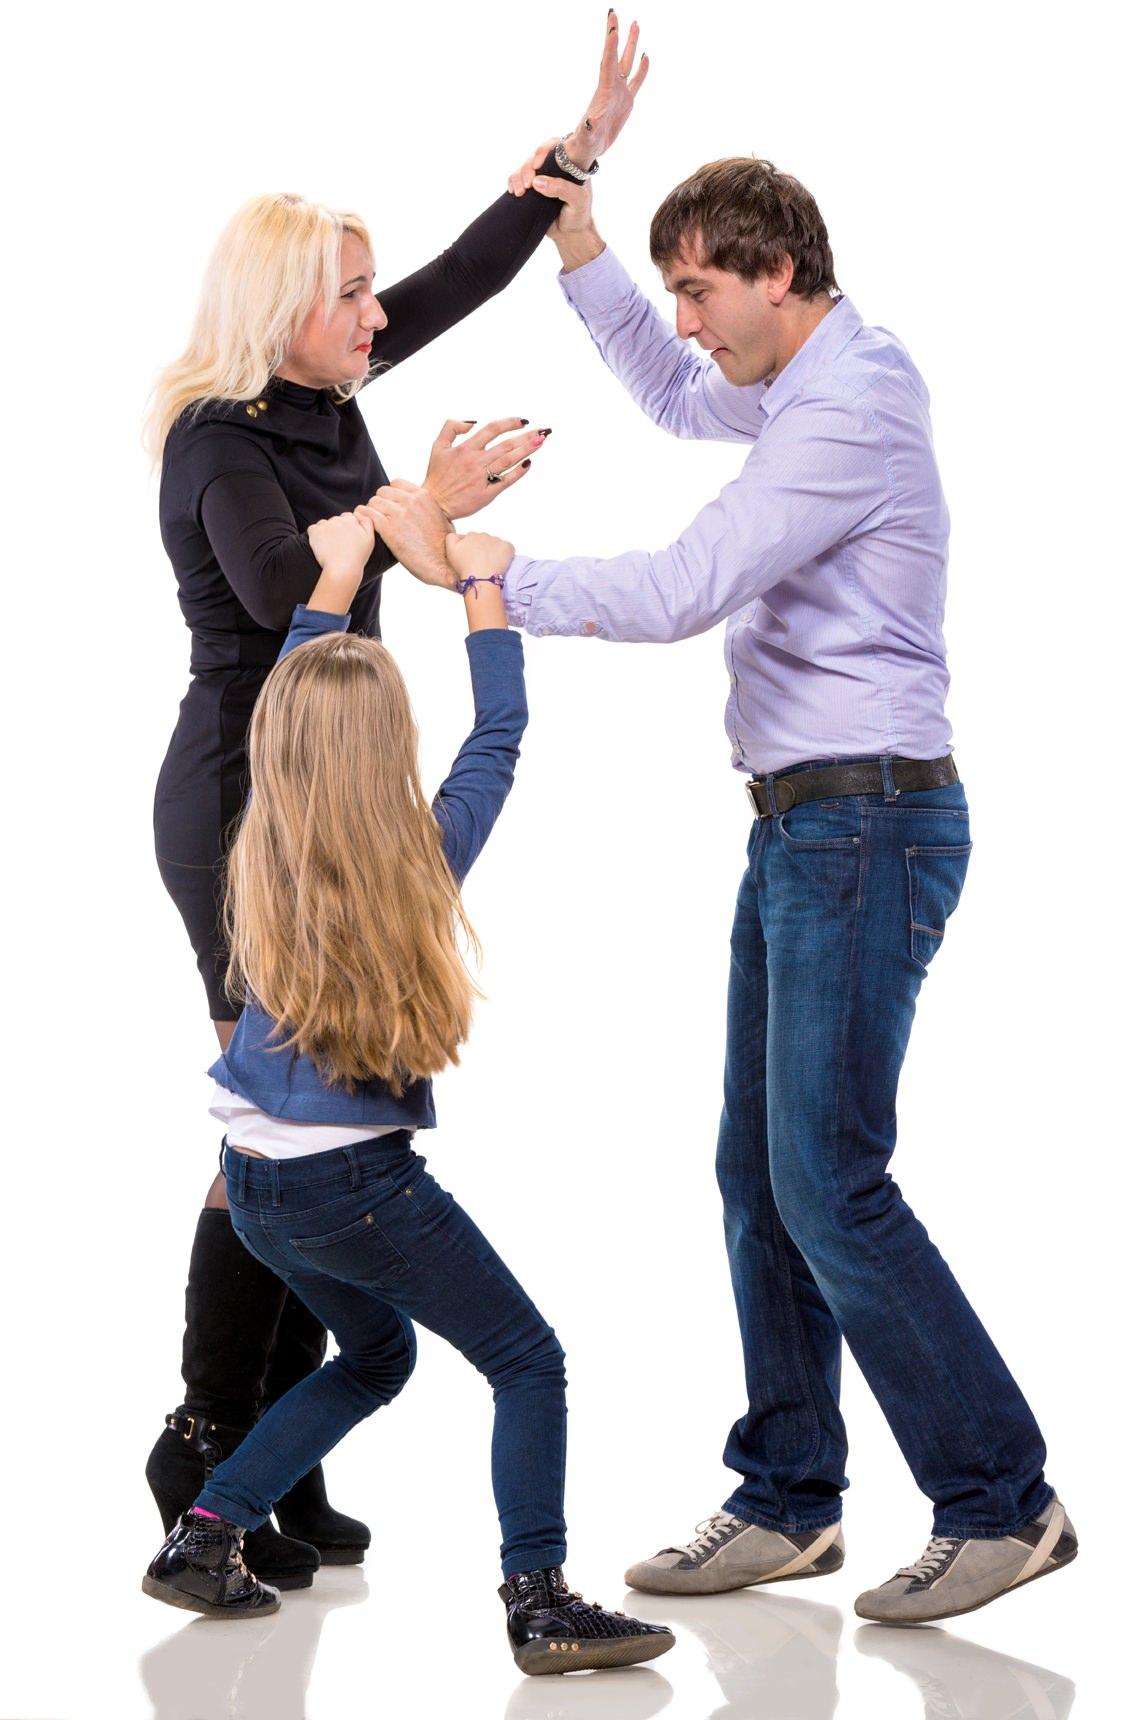 Trasferimento di residenza del figlio senza consenso